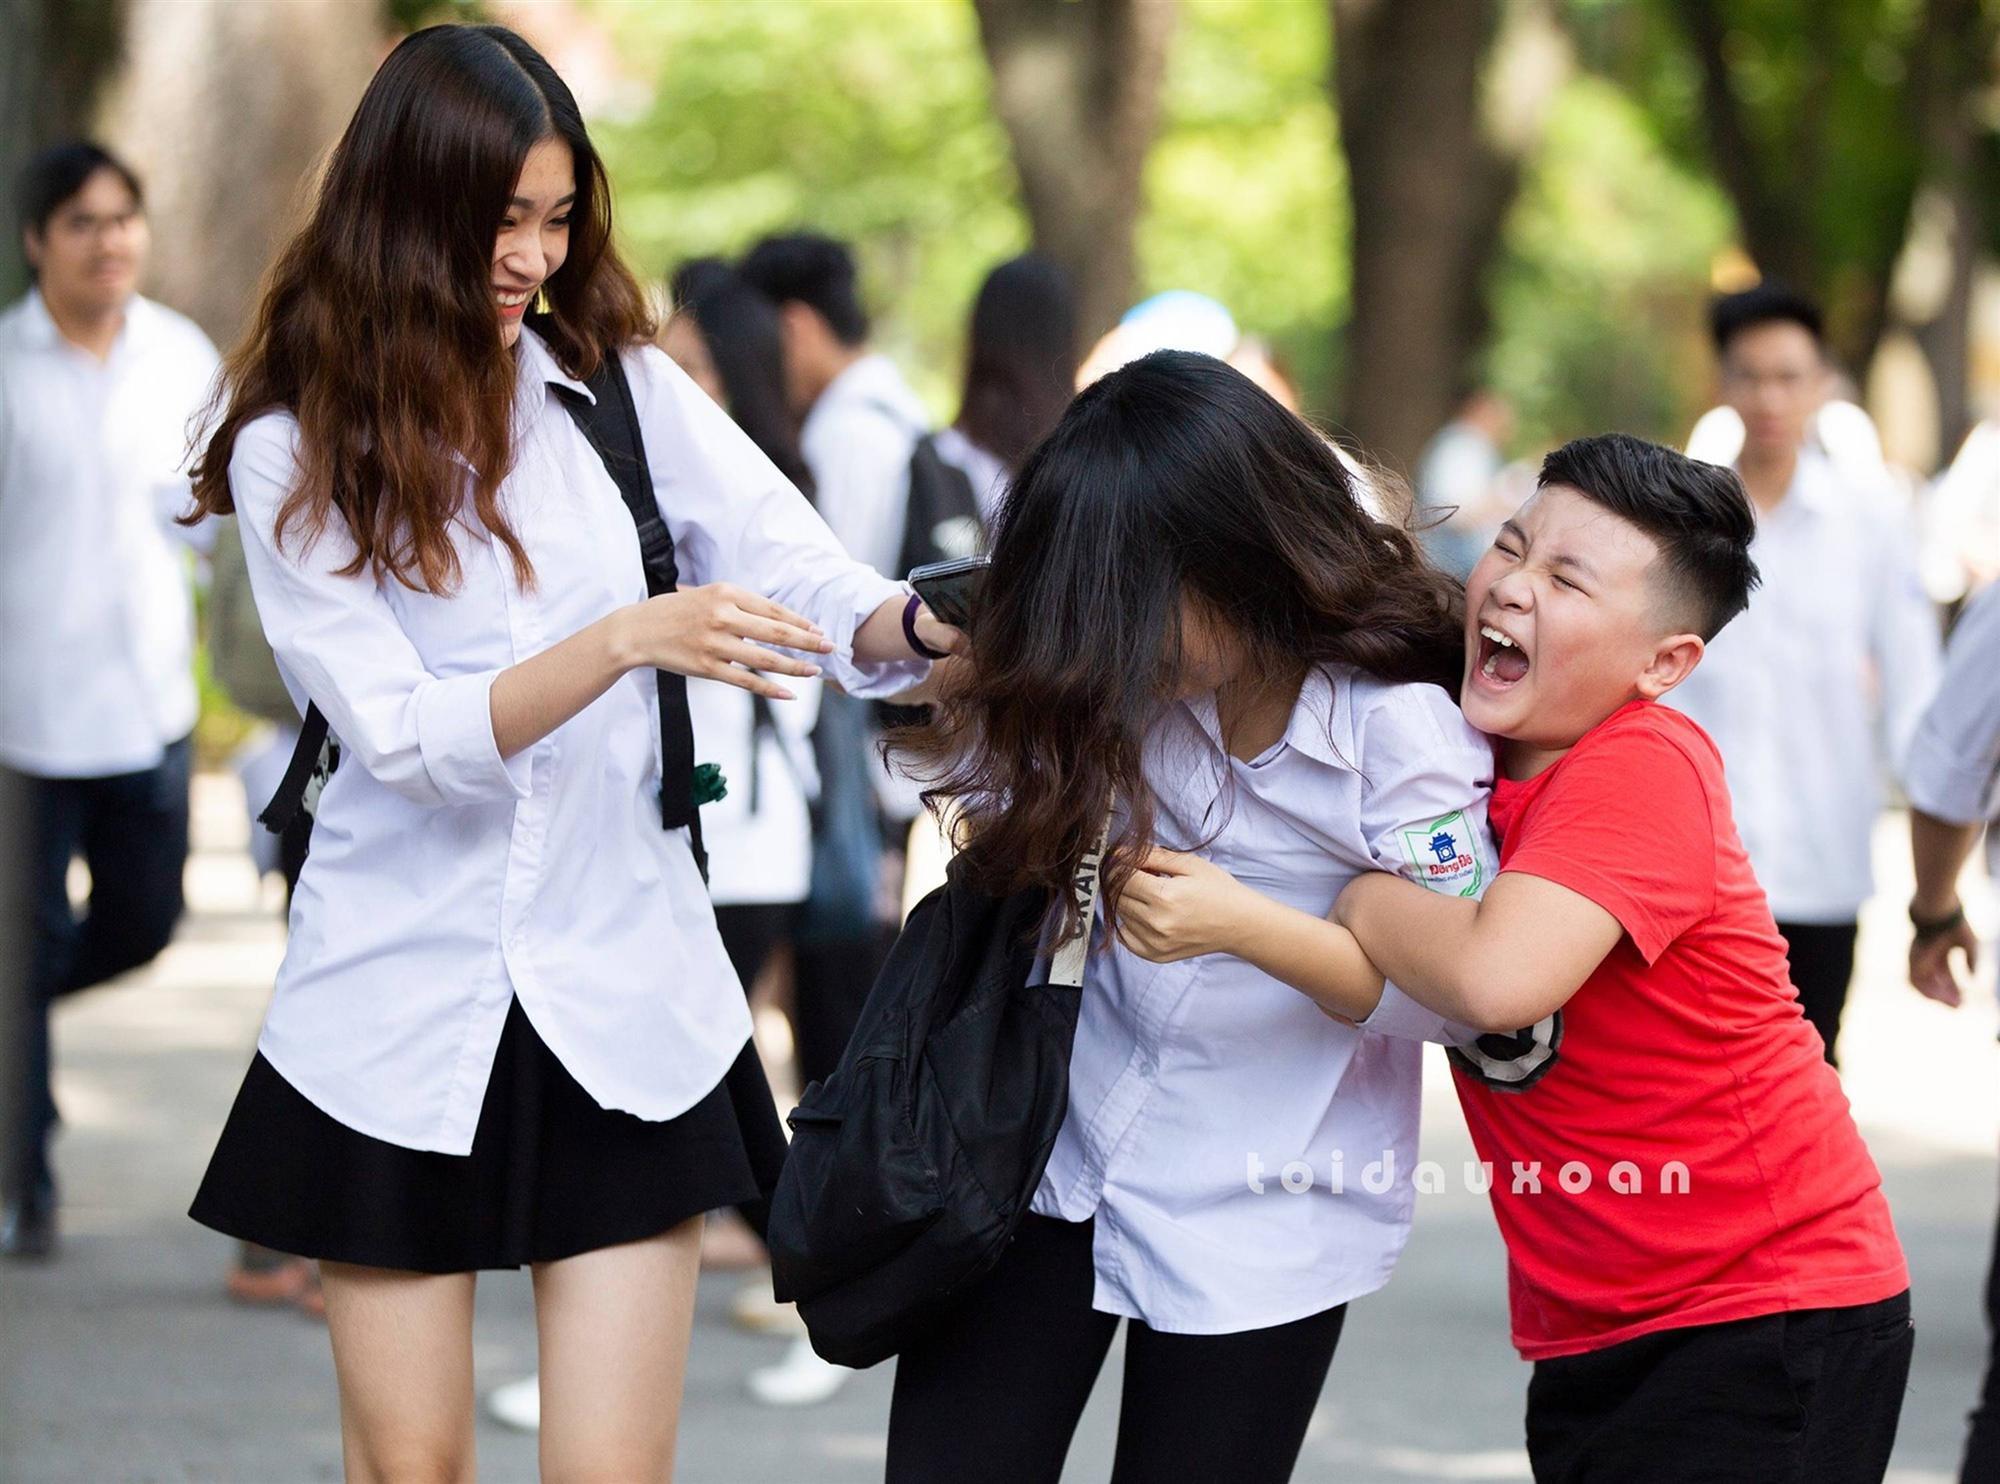 Cậu bé trong bức ảnh ôm chầm lấy chị gái sung sướng khi kết thúc kỳ thi THPT Quốc gia: Chị được điểm cao em cho hẳn 4 triệu!-2